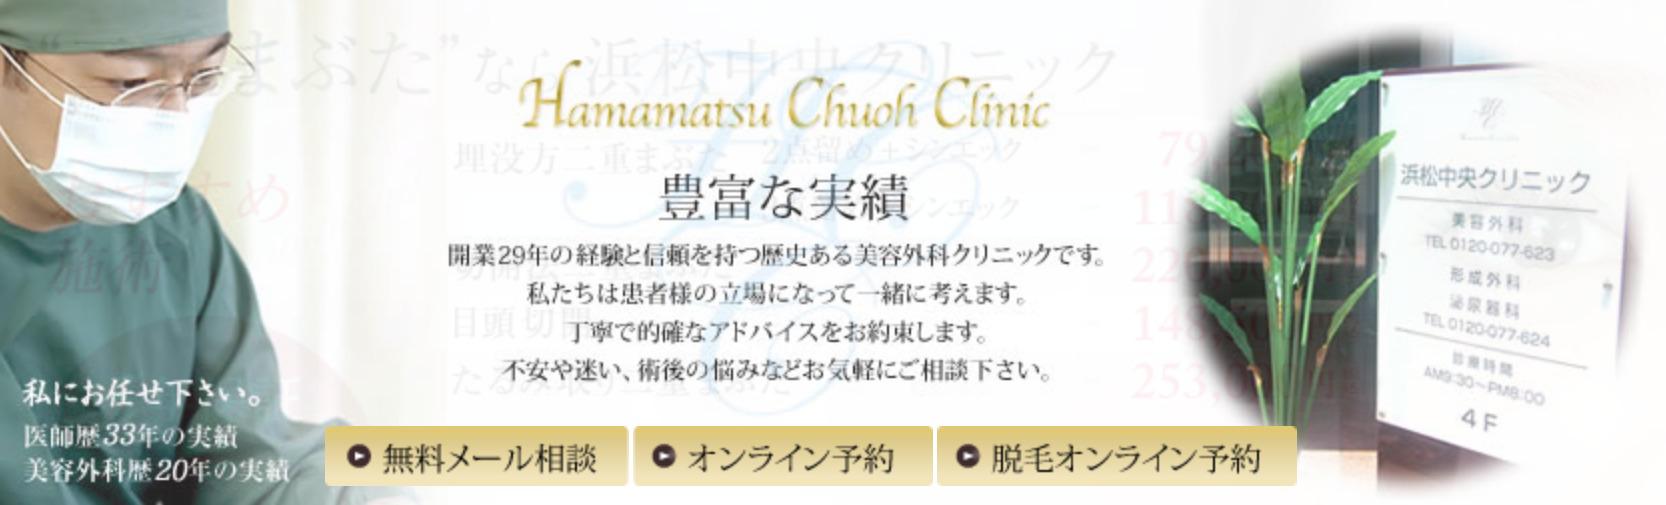 浜松中央クリニックの施設画像